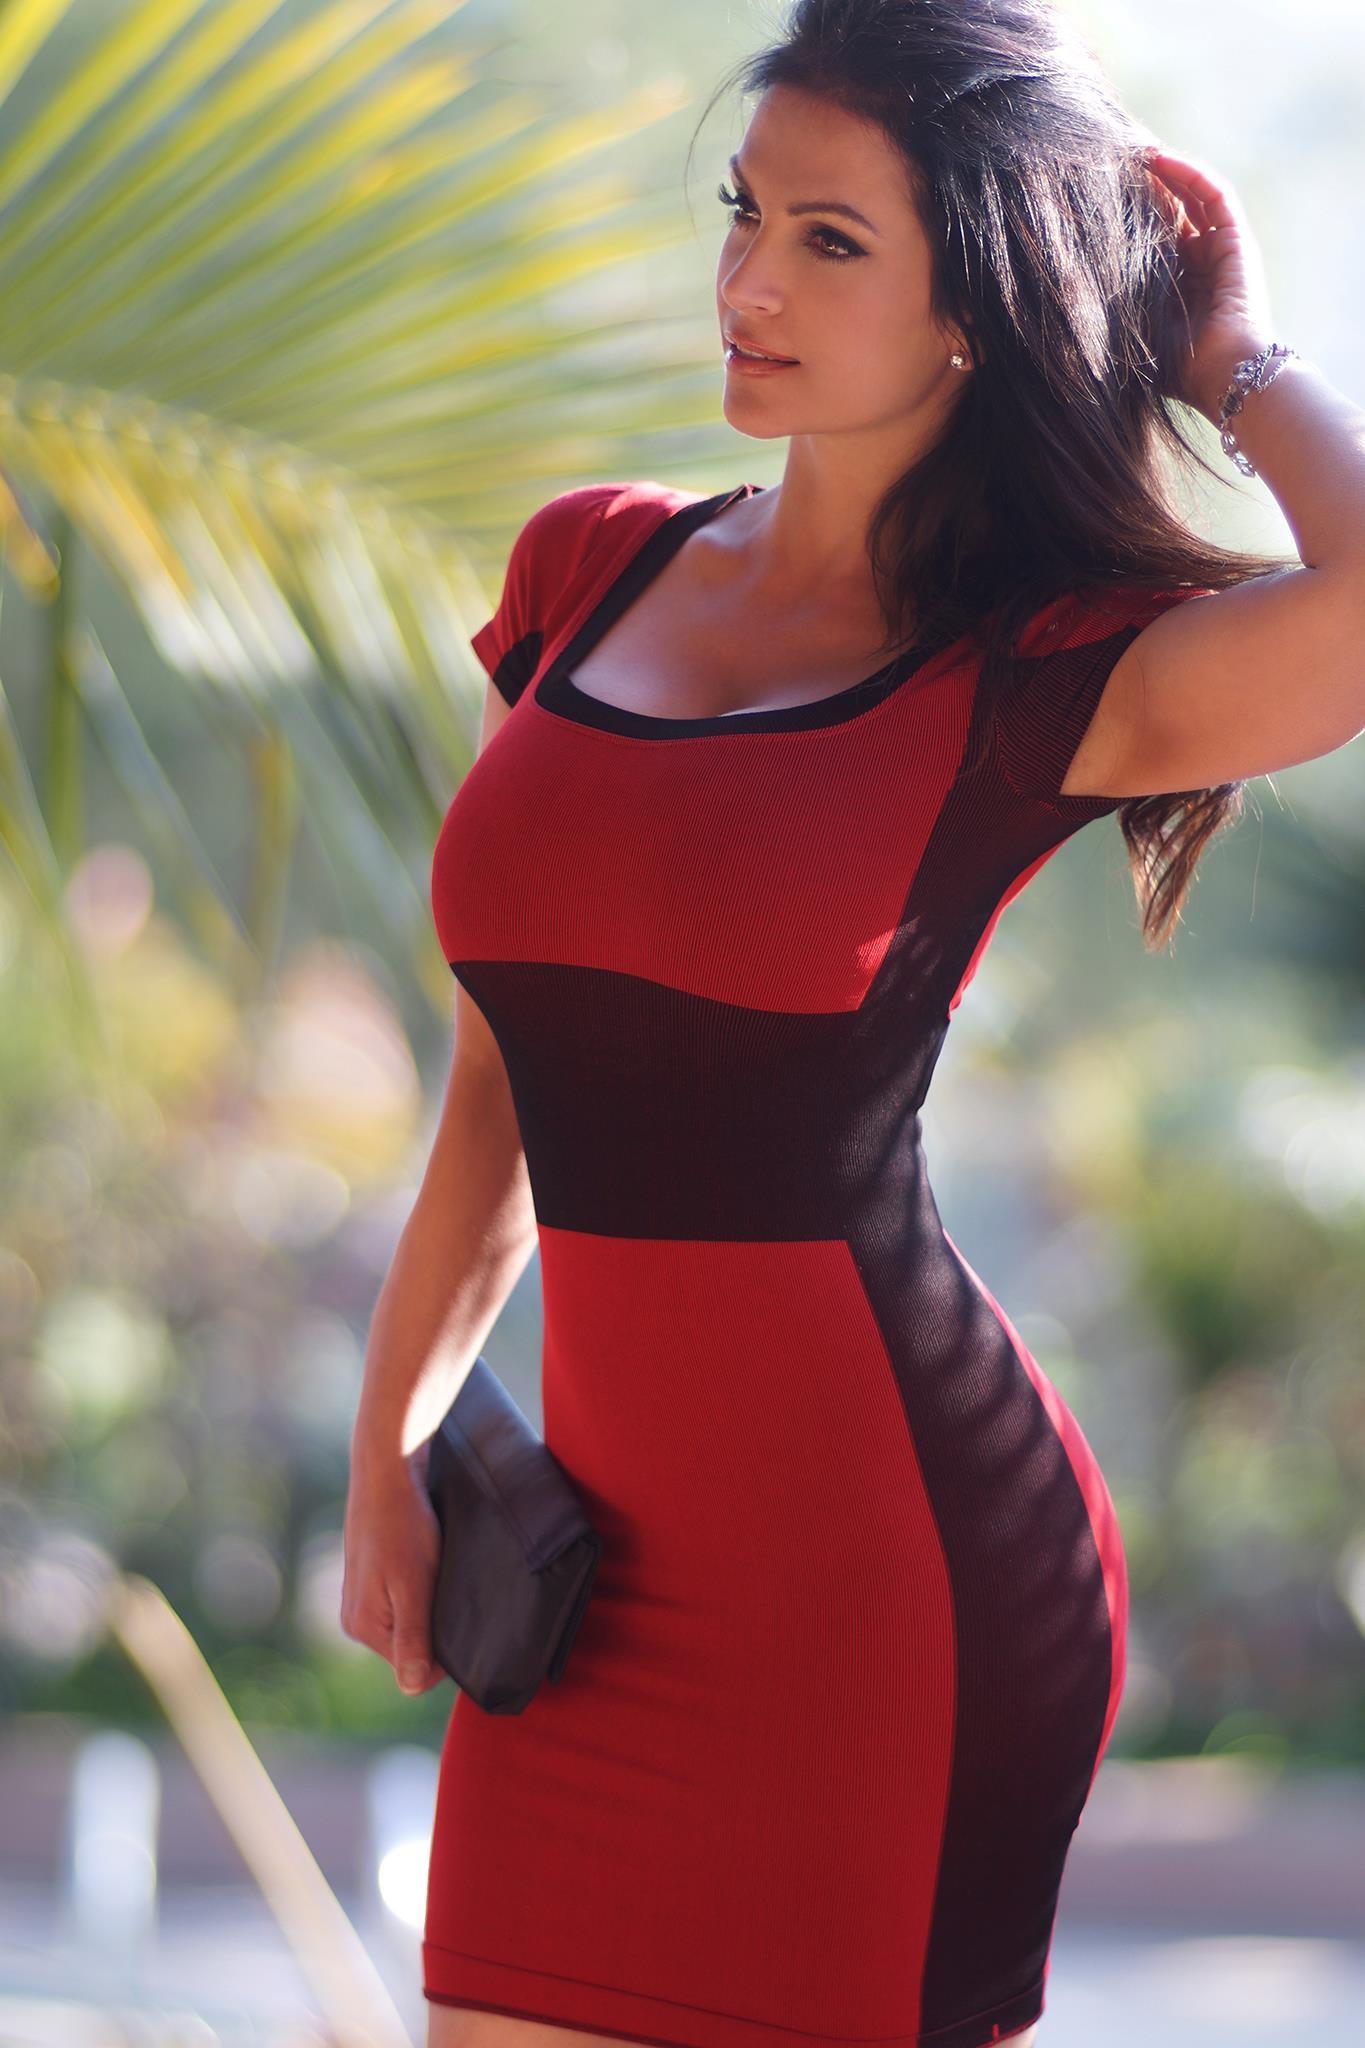 Фото девушек красивых в платье